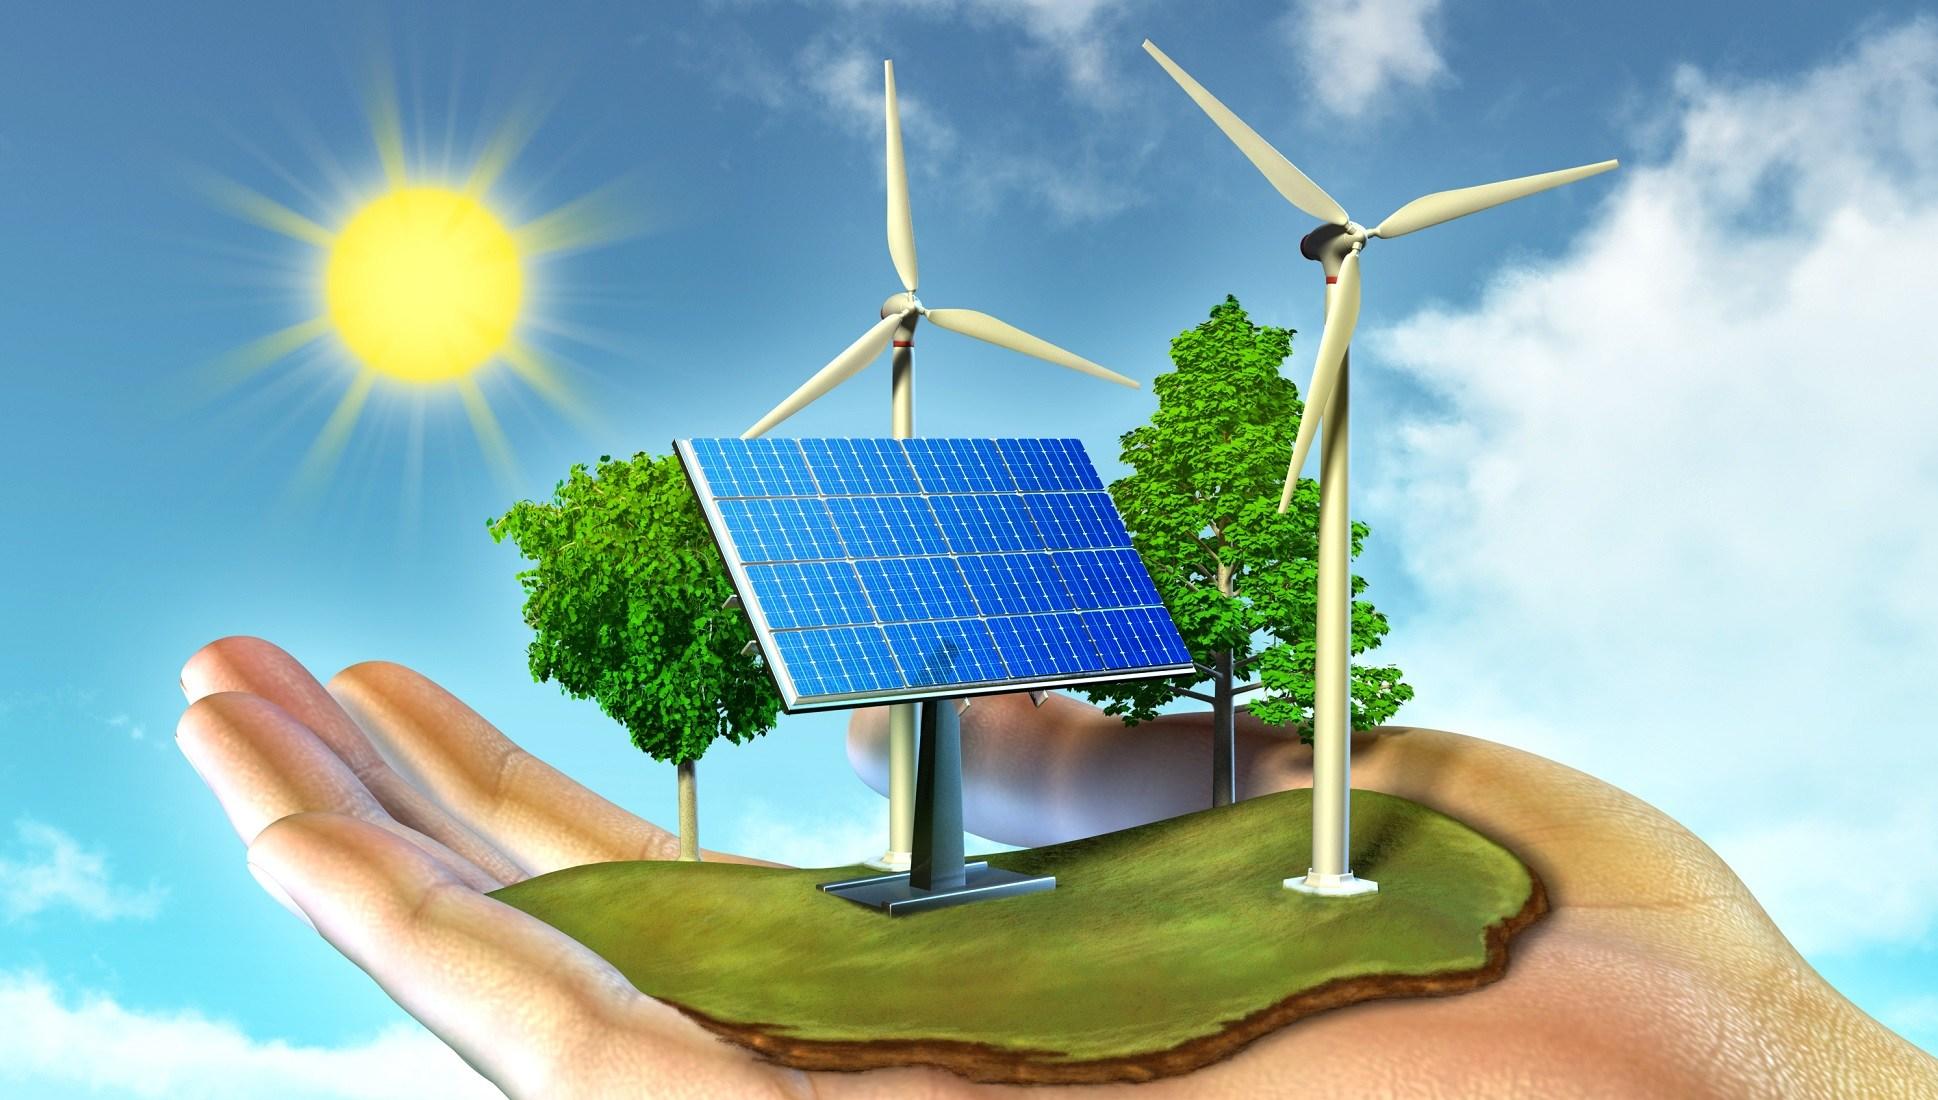 Utilities sostenibles: El secreto para posicionar a América Latina como un referente en eficiencia energética